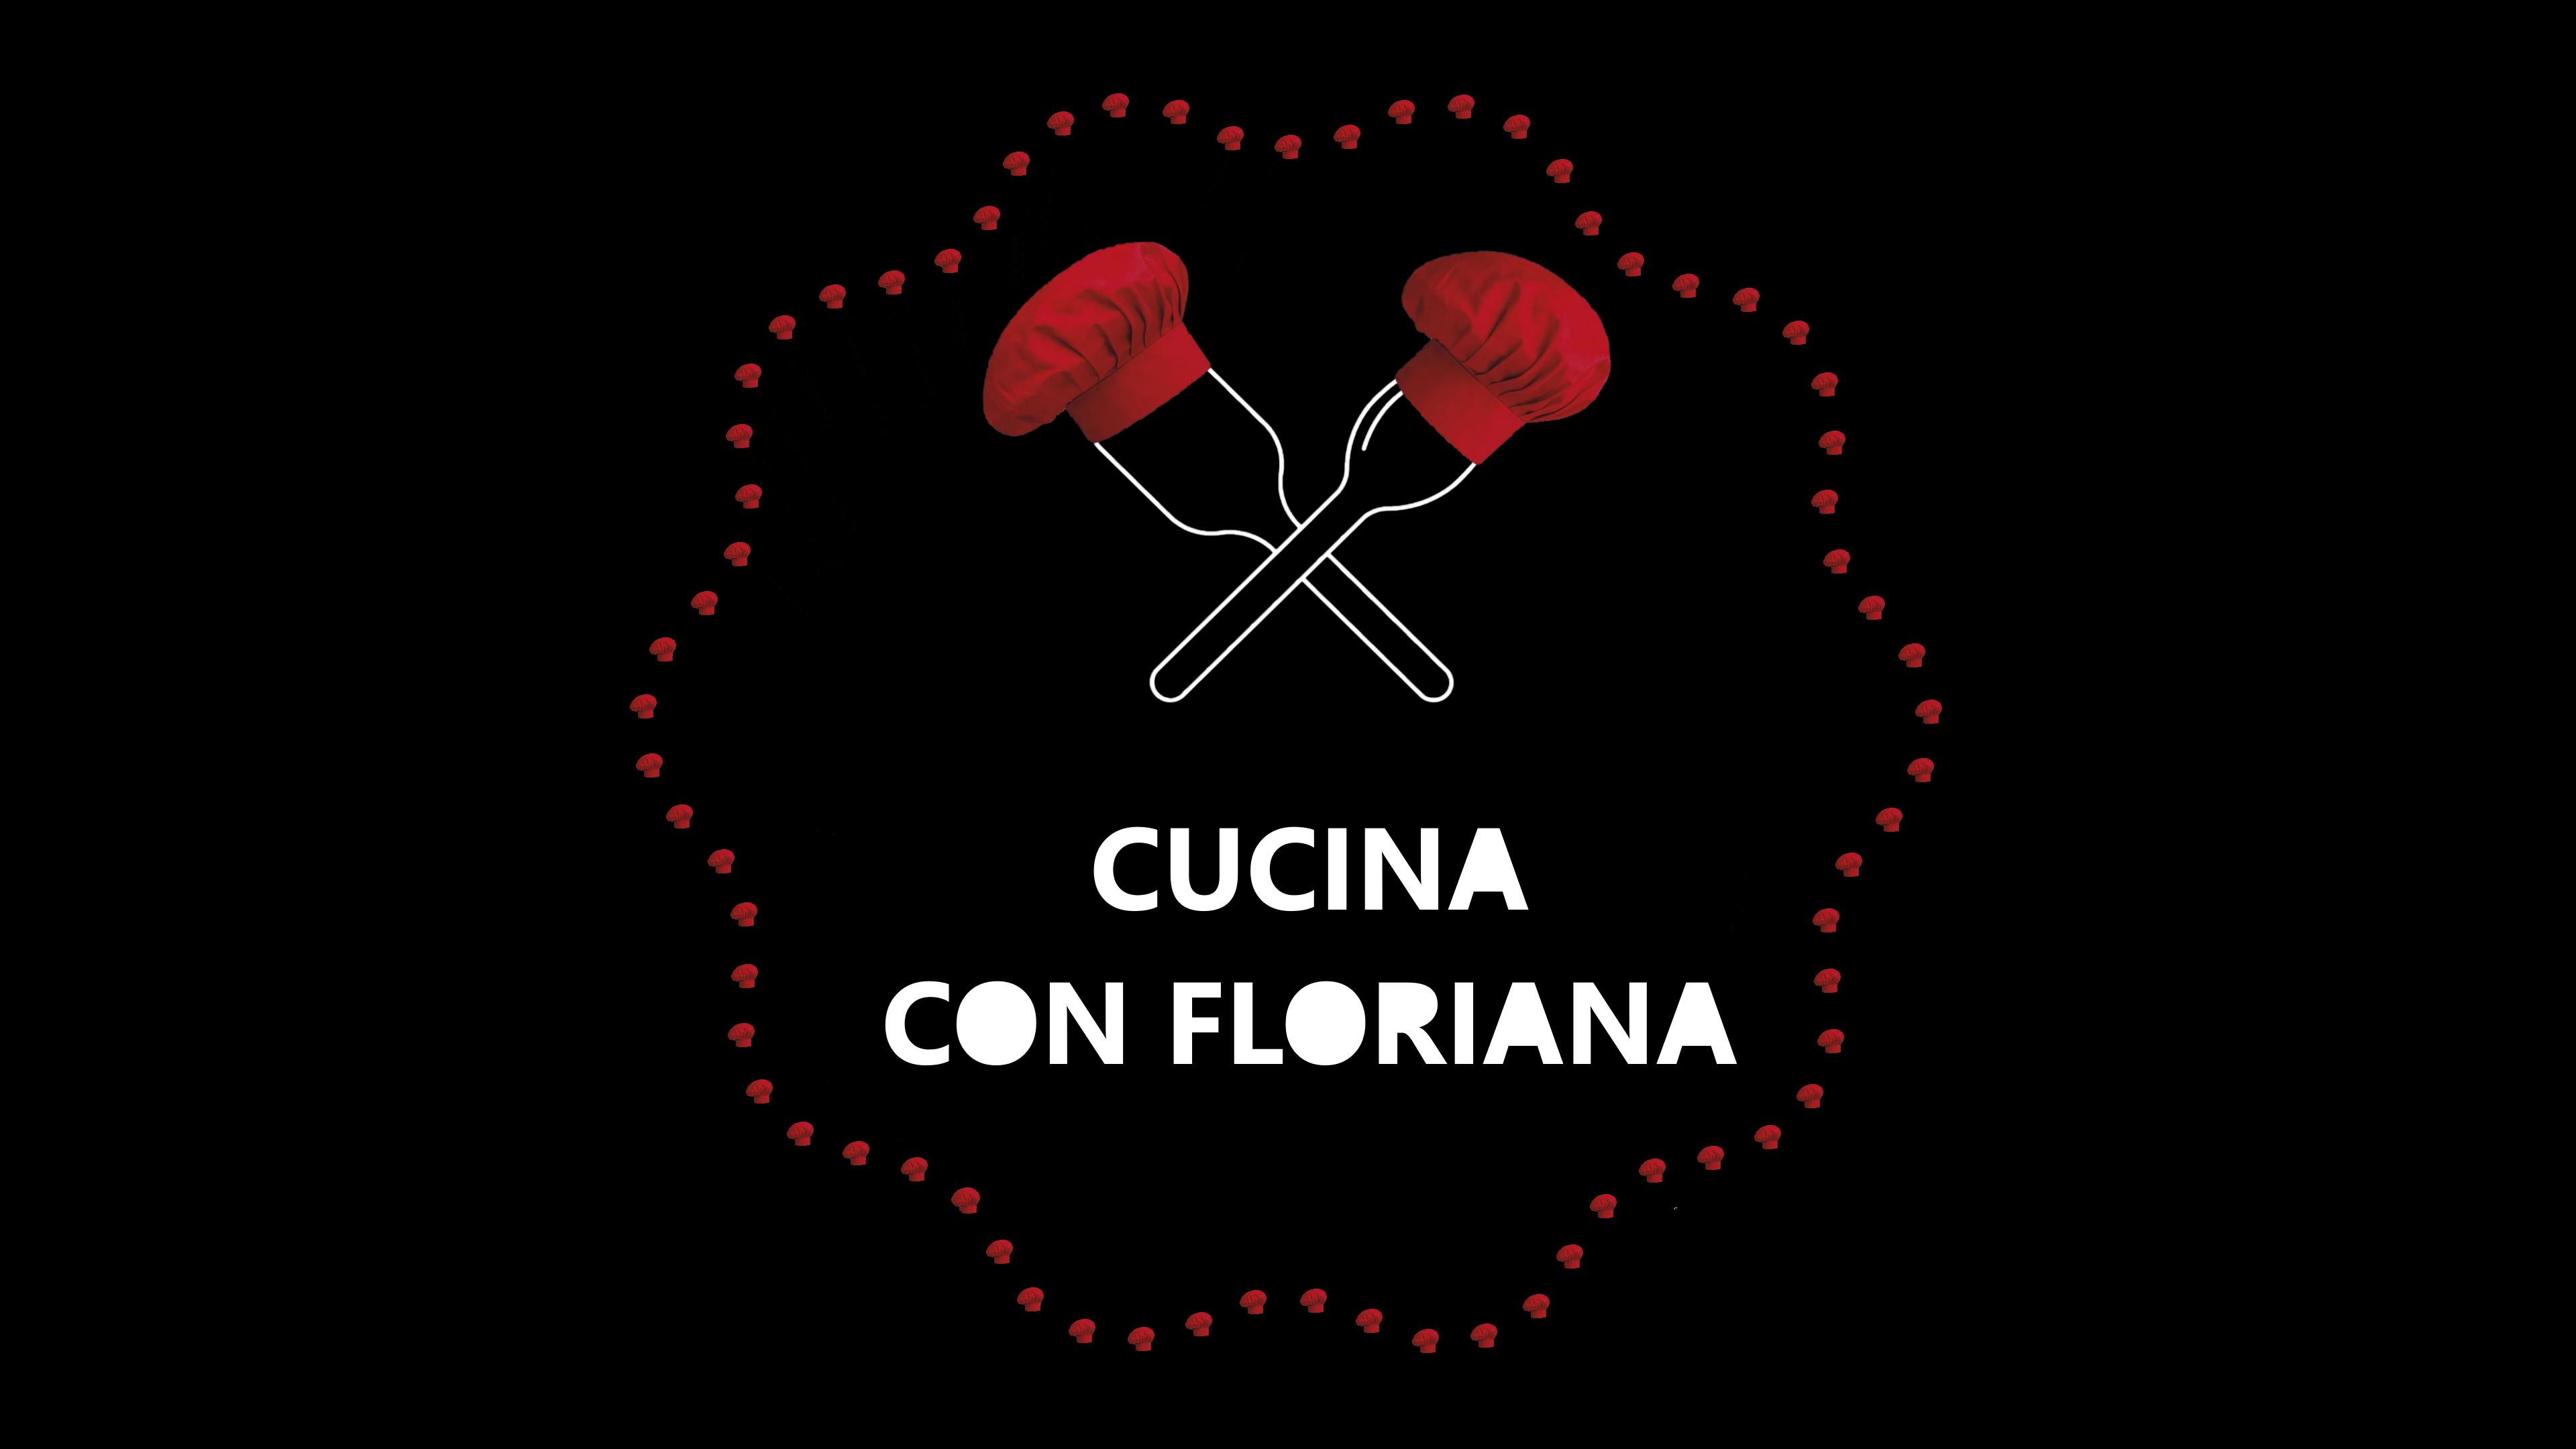 Cucina con Floriana